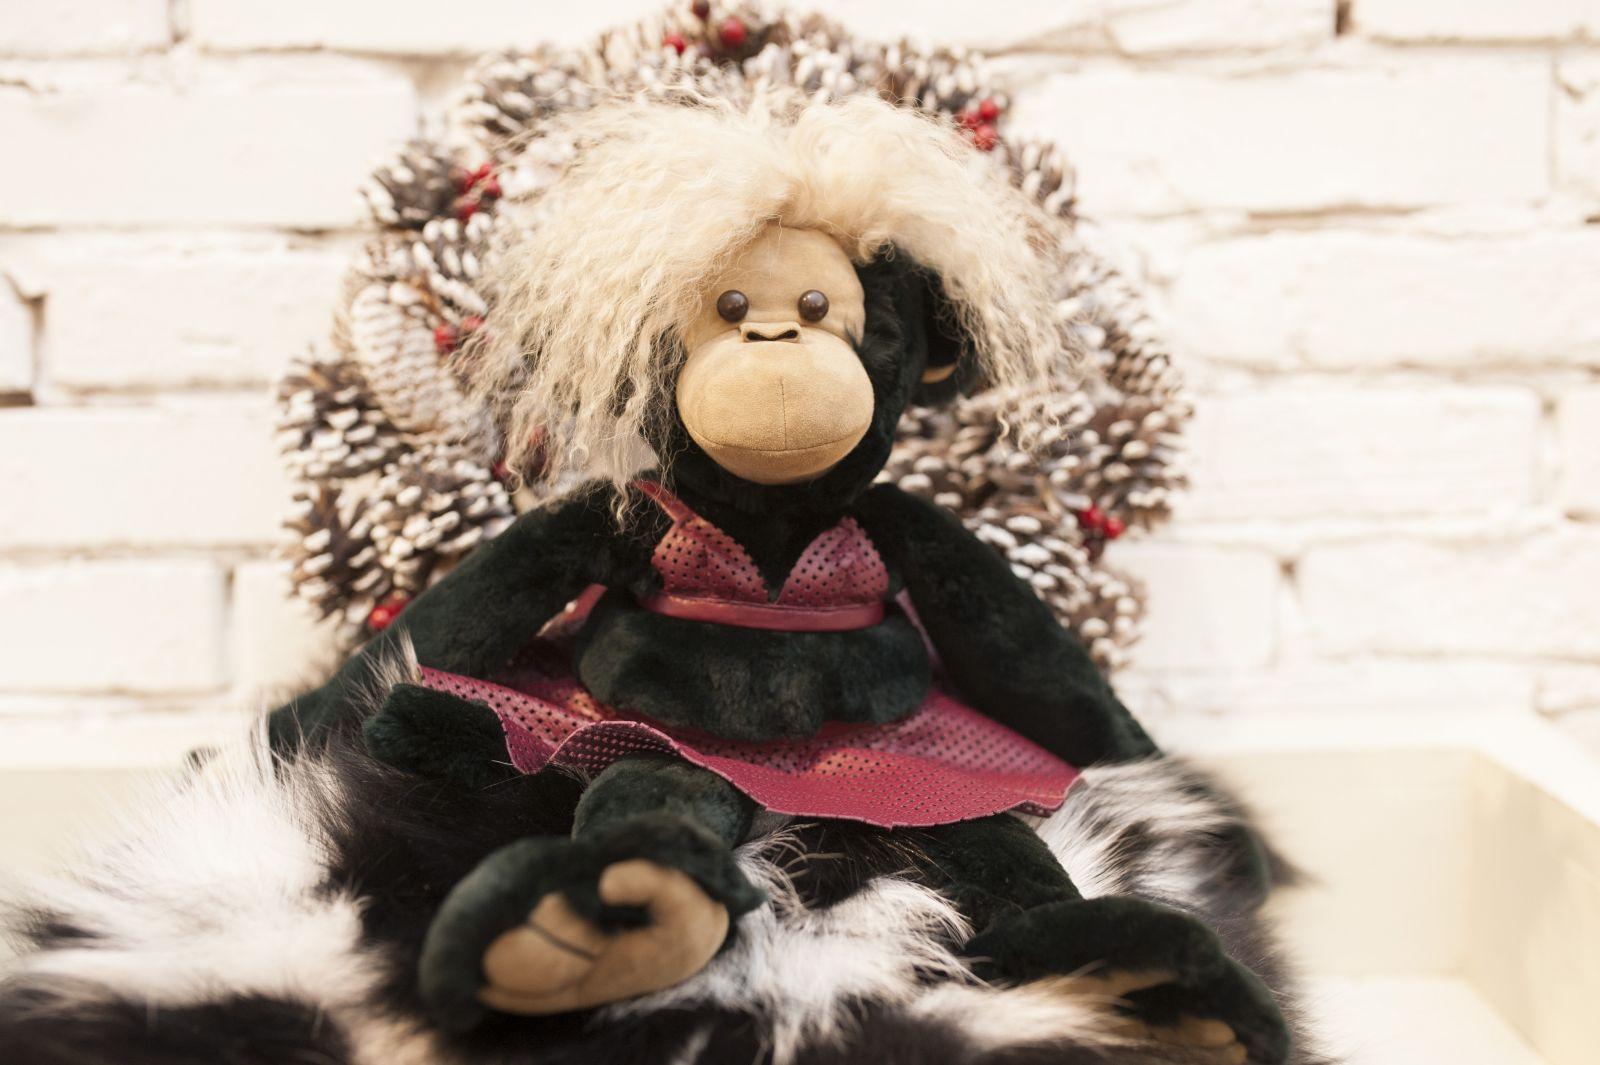 Символ 2016 года: Ольга Аленова создала коллекцию симпатичных обезьянок